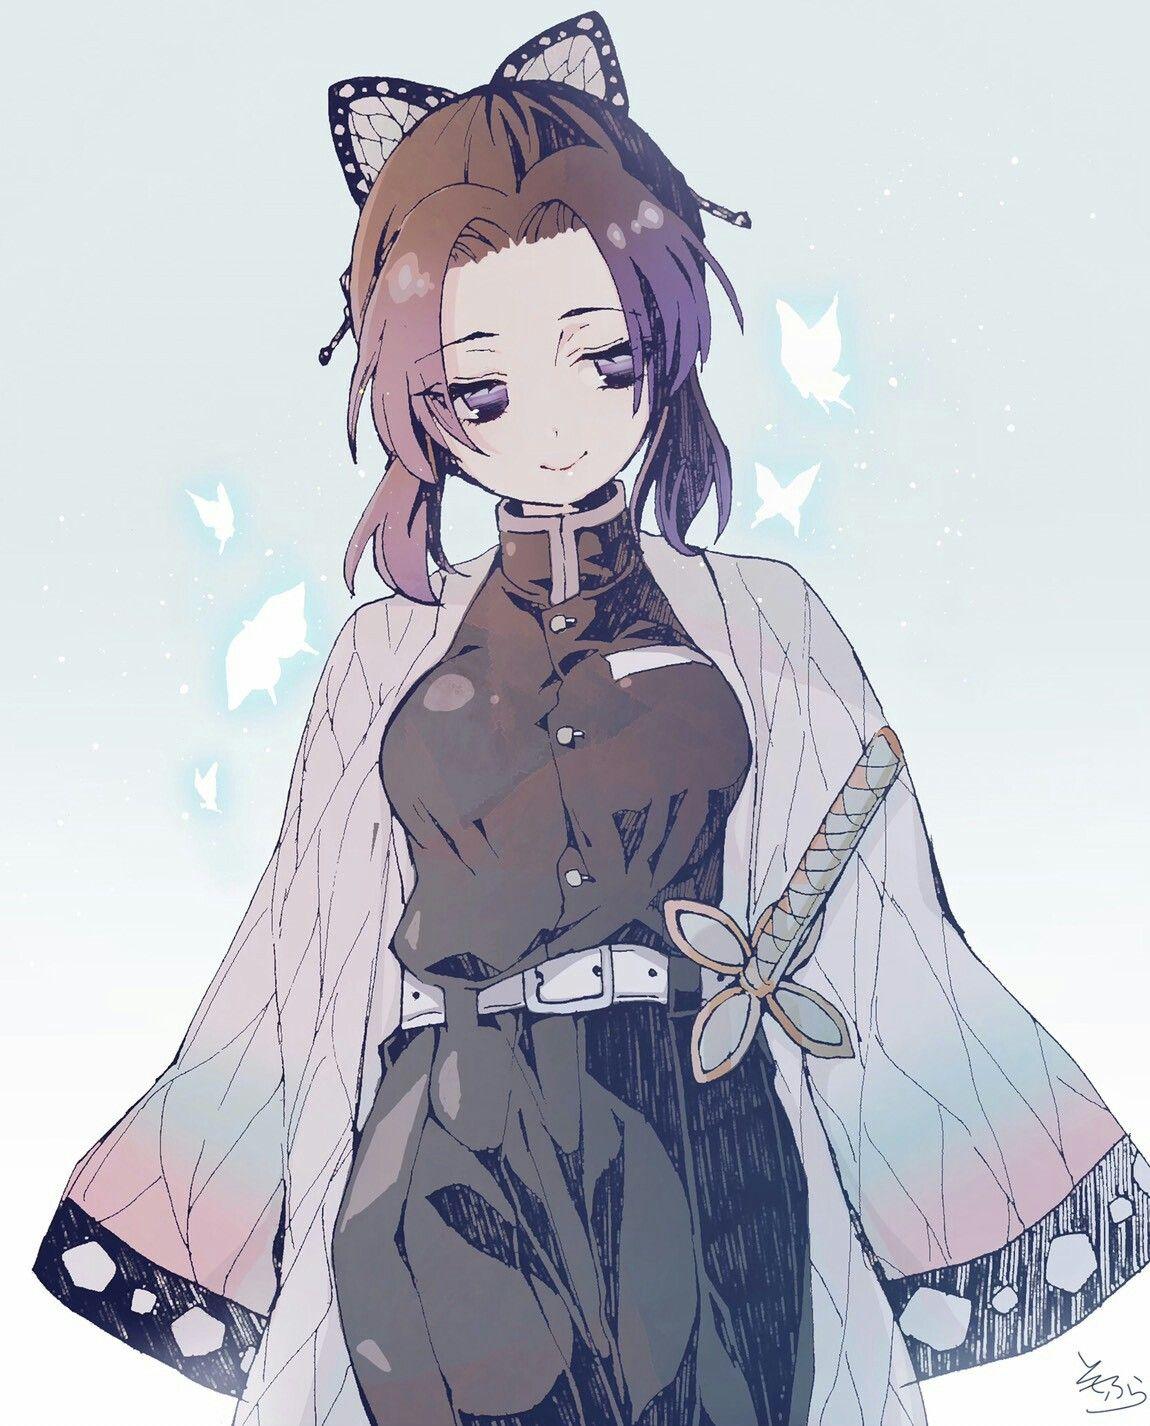 胡蝶しのぶアイコン